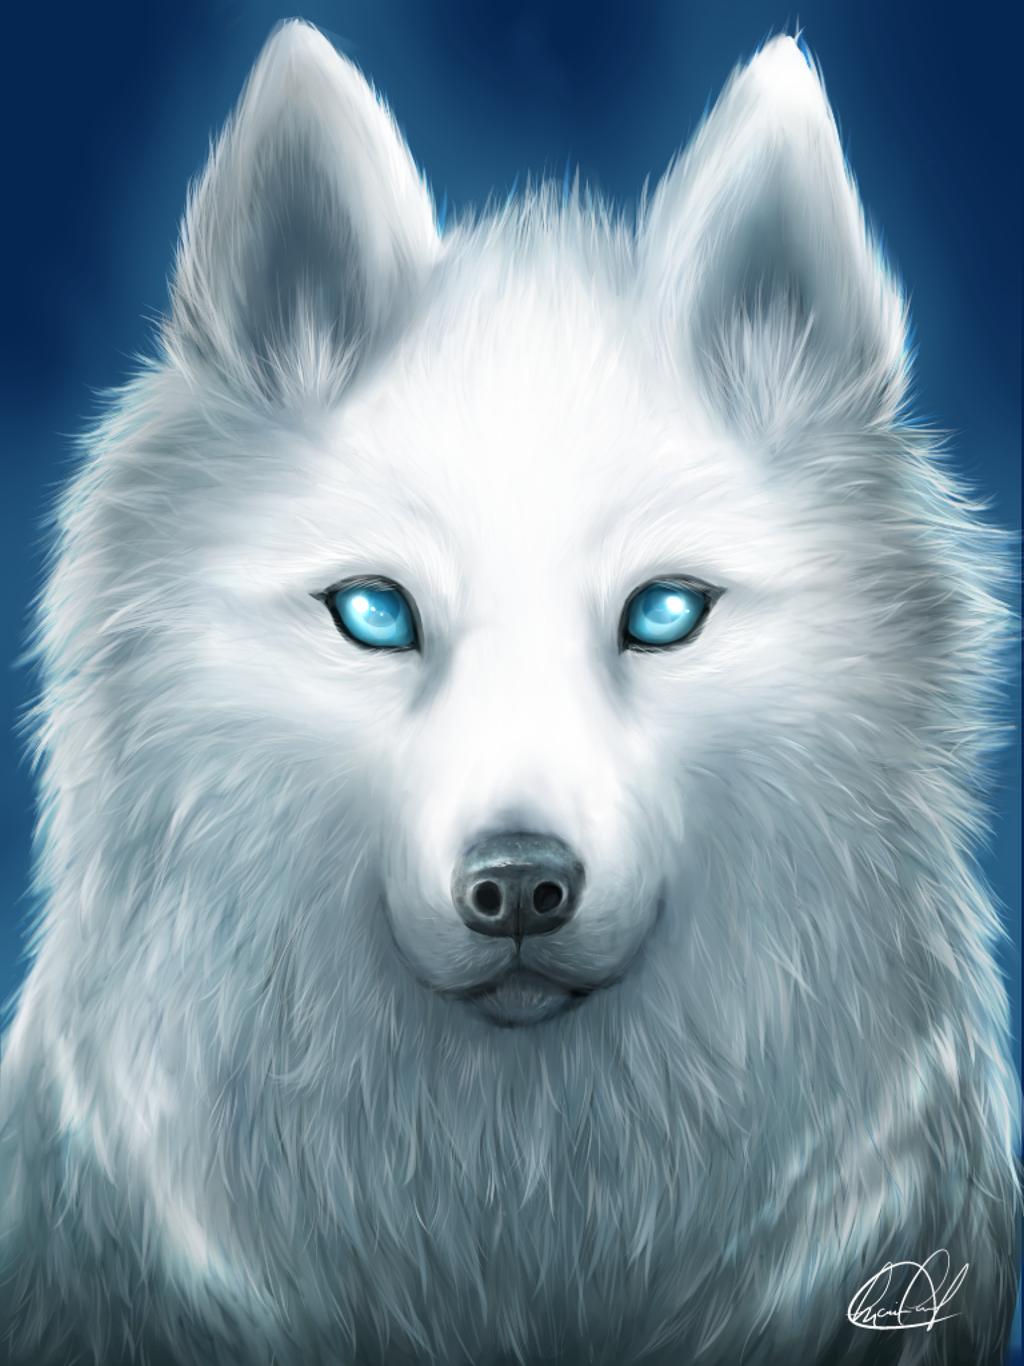 spirit animals wallpaper wolf - photo #40